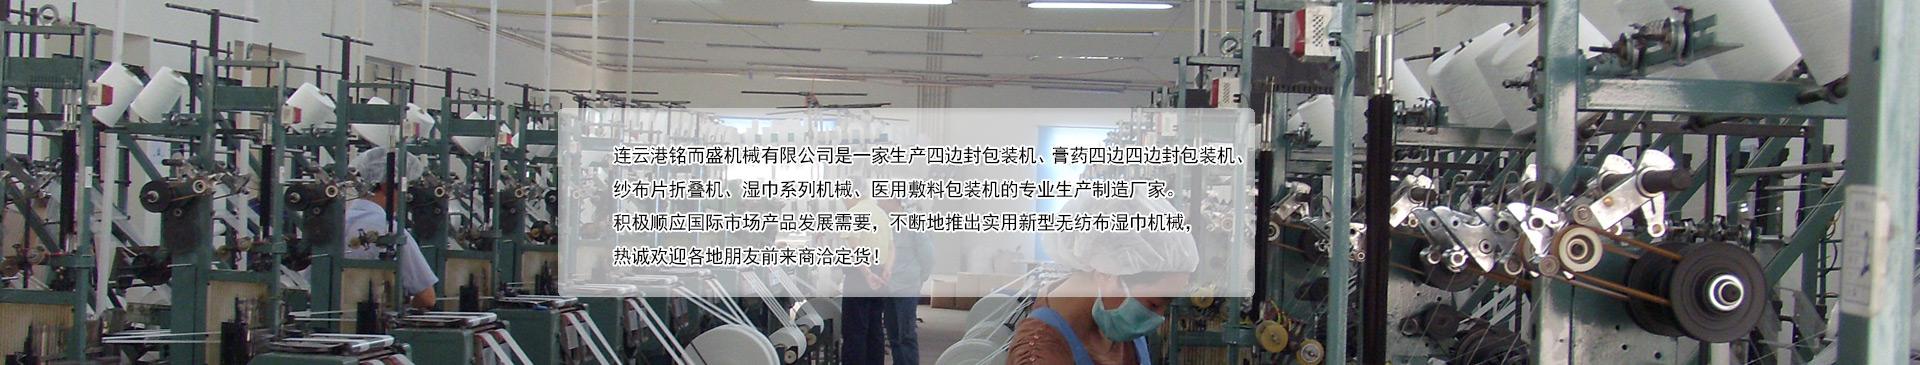 连云港铭而盛机械有限公司